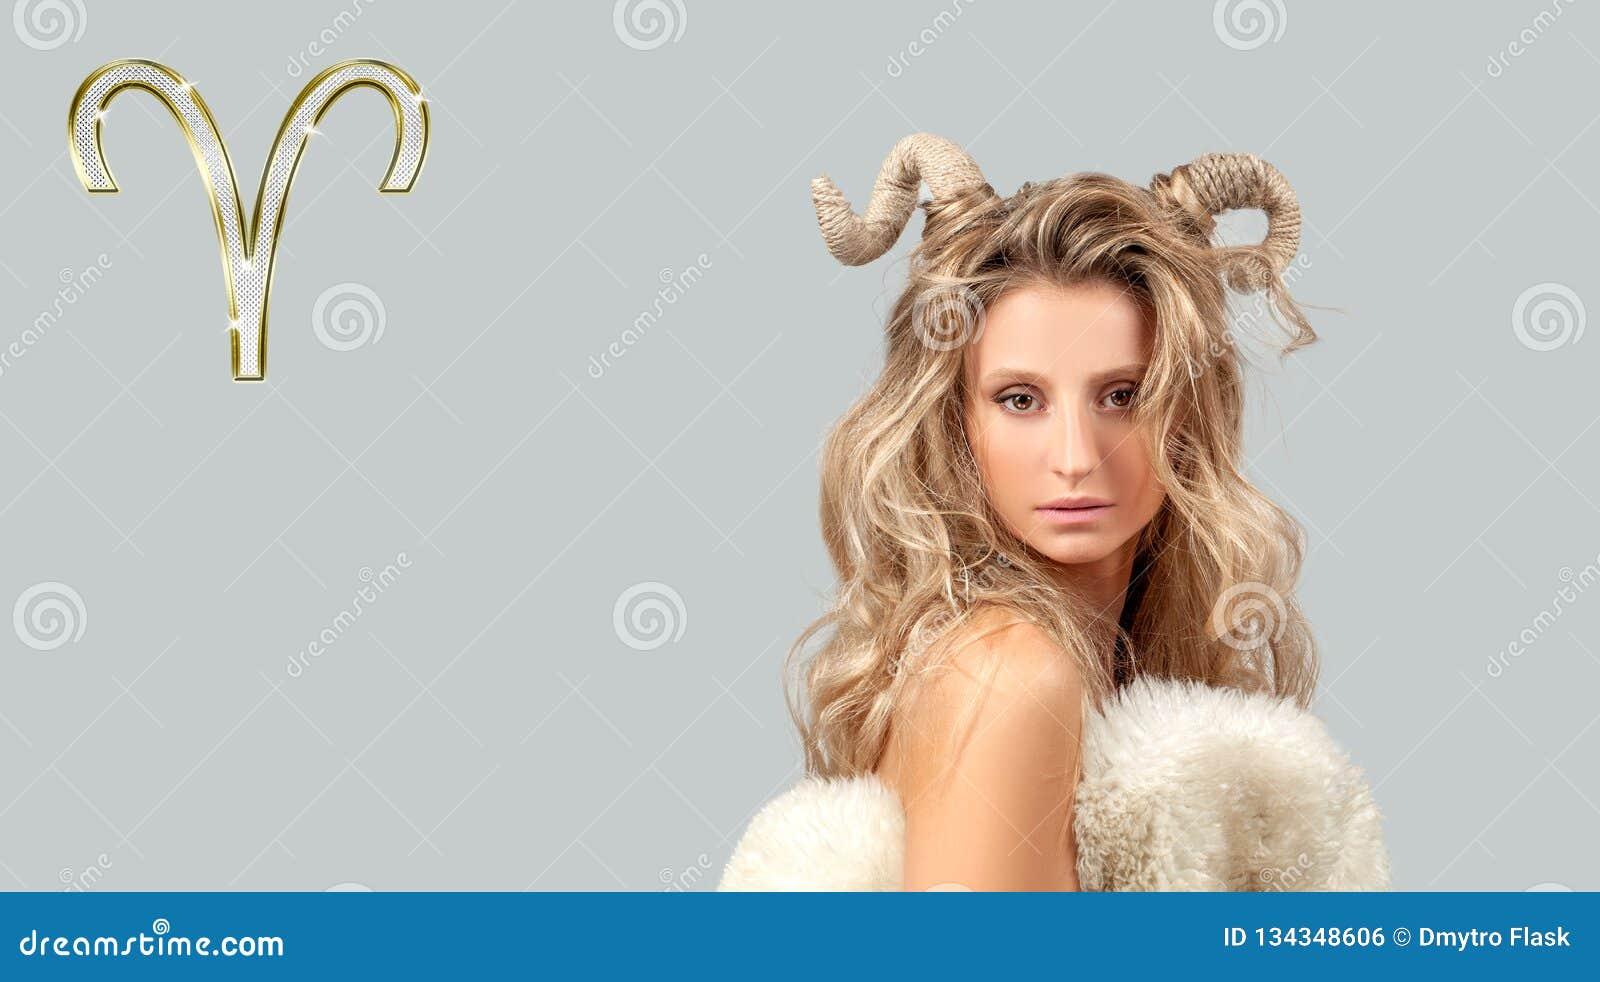 Astrología y horóscopo Aries Zodiac Sign, mujer hermosa con los cuernos